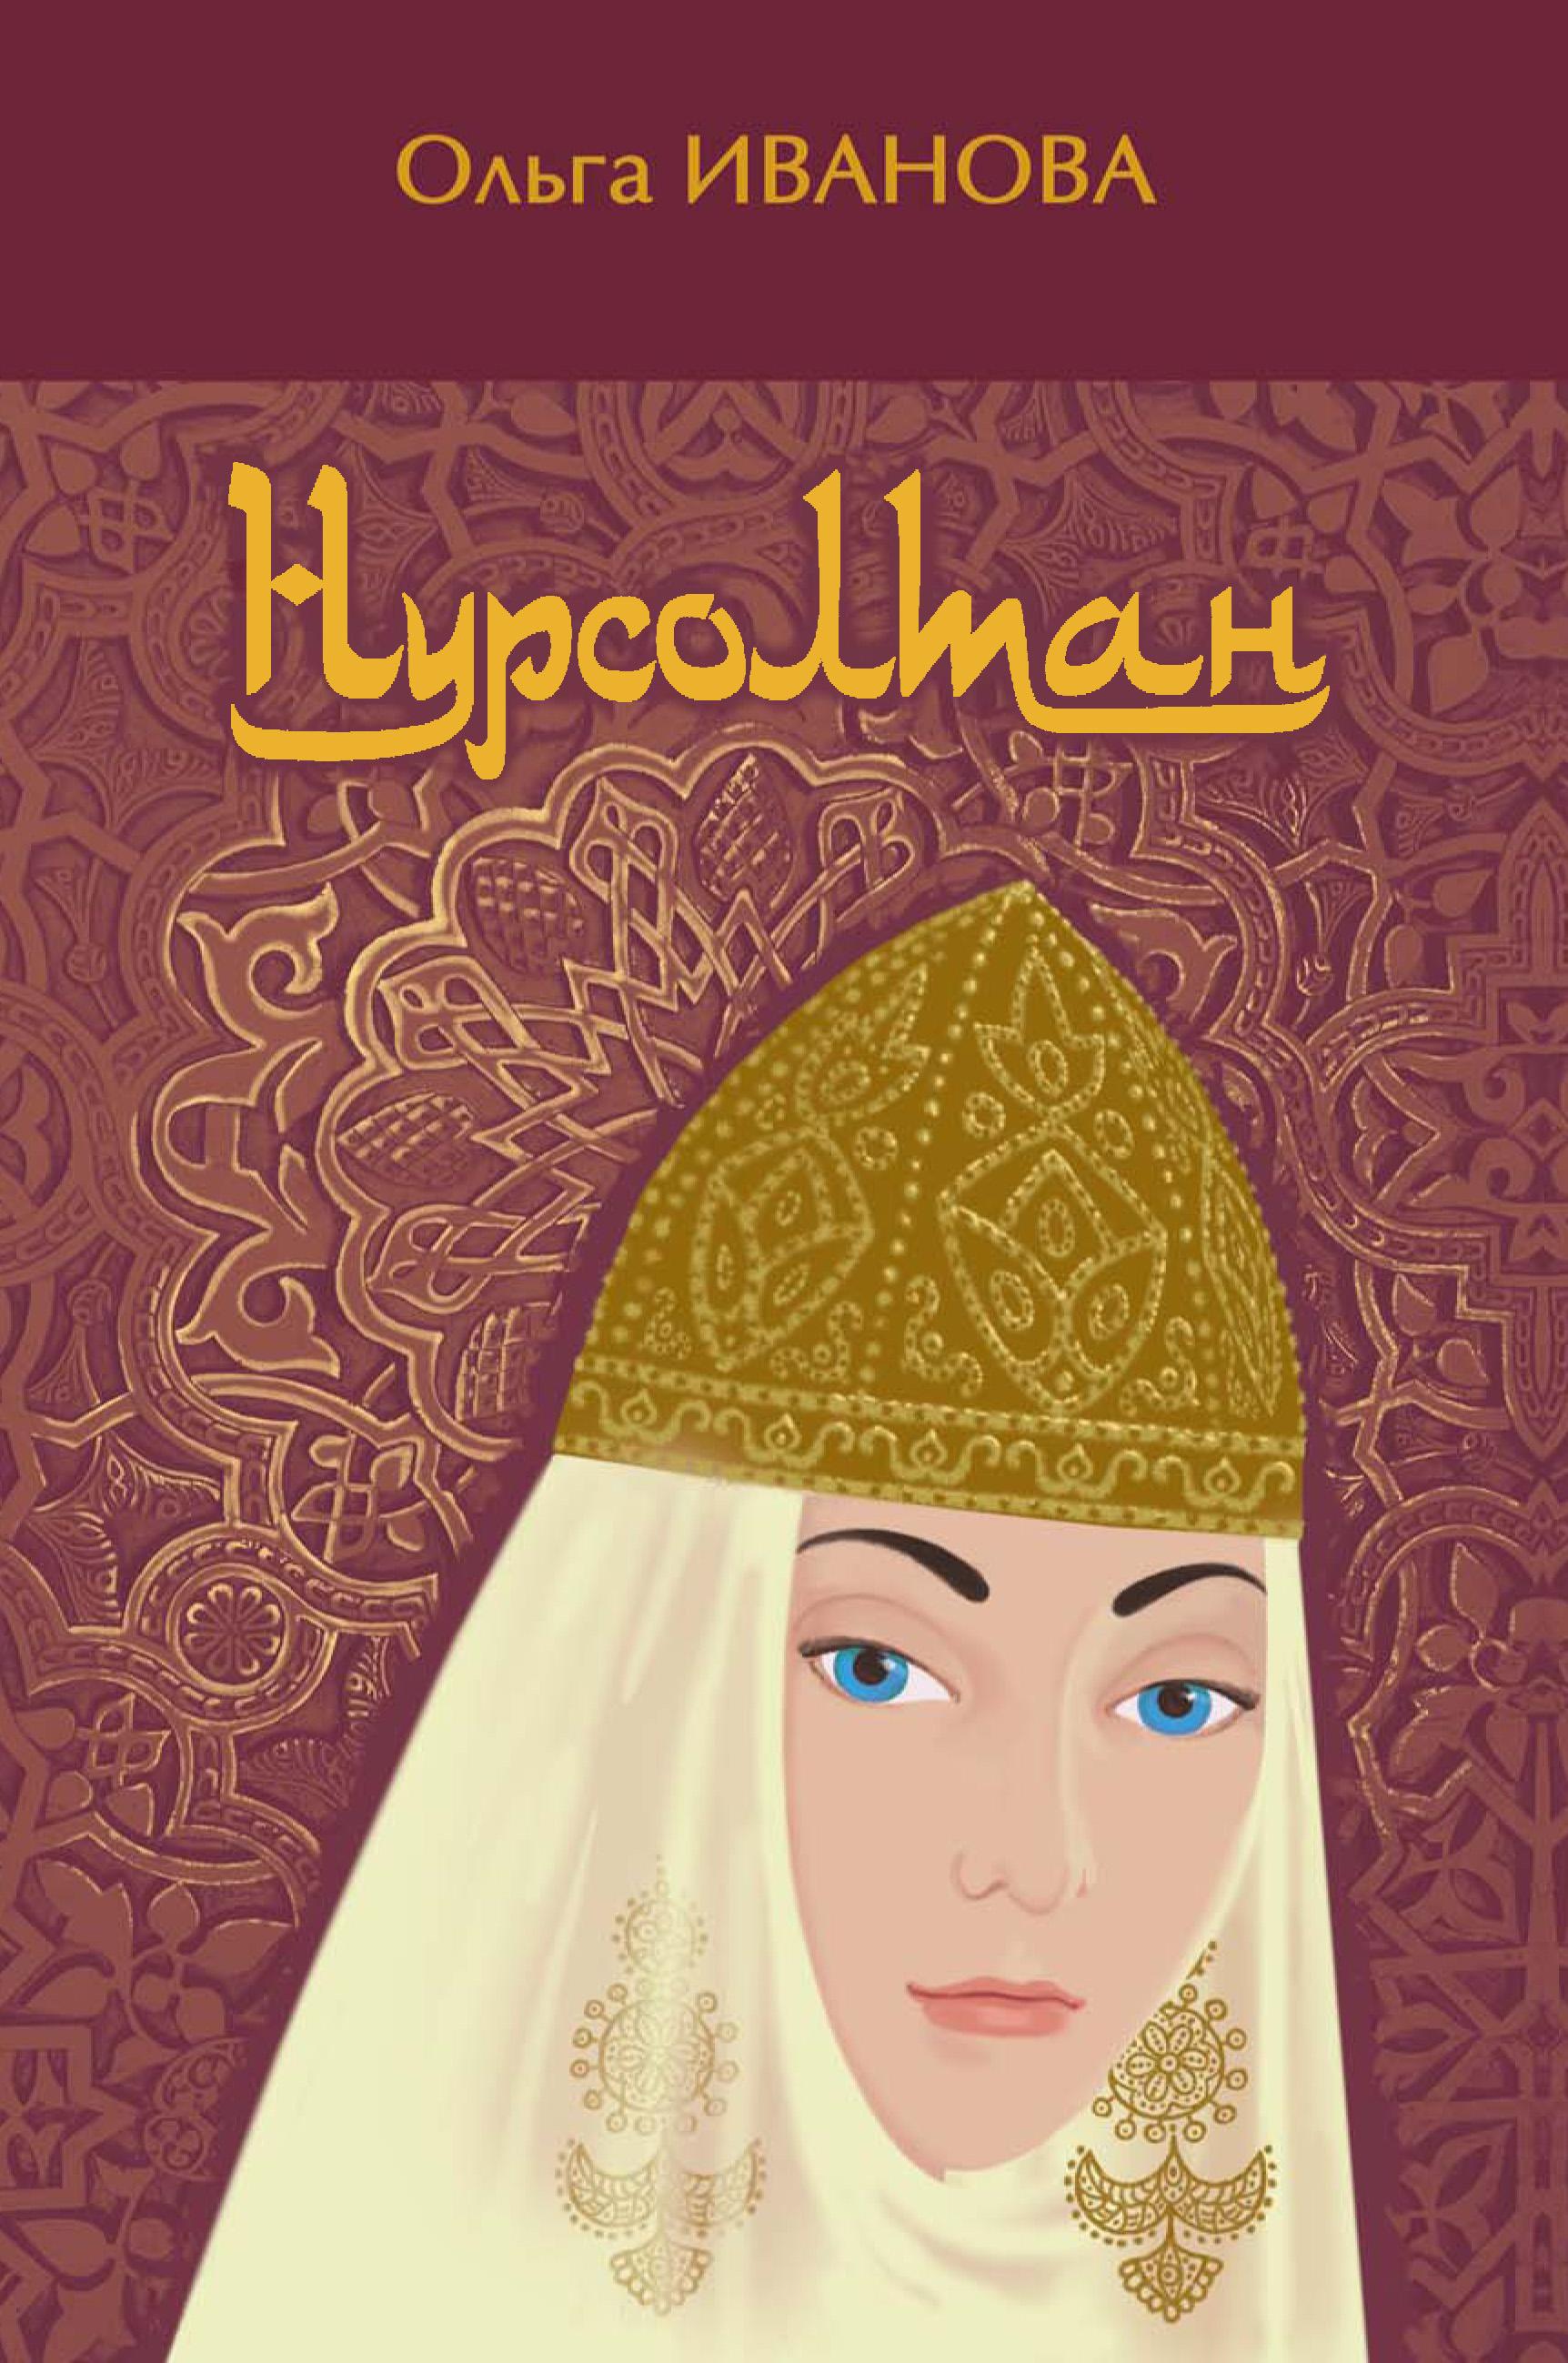 Ольга Иванова Нурсолтан женщины у власти легендарные личности творившие историю